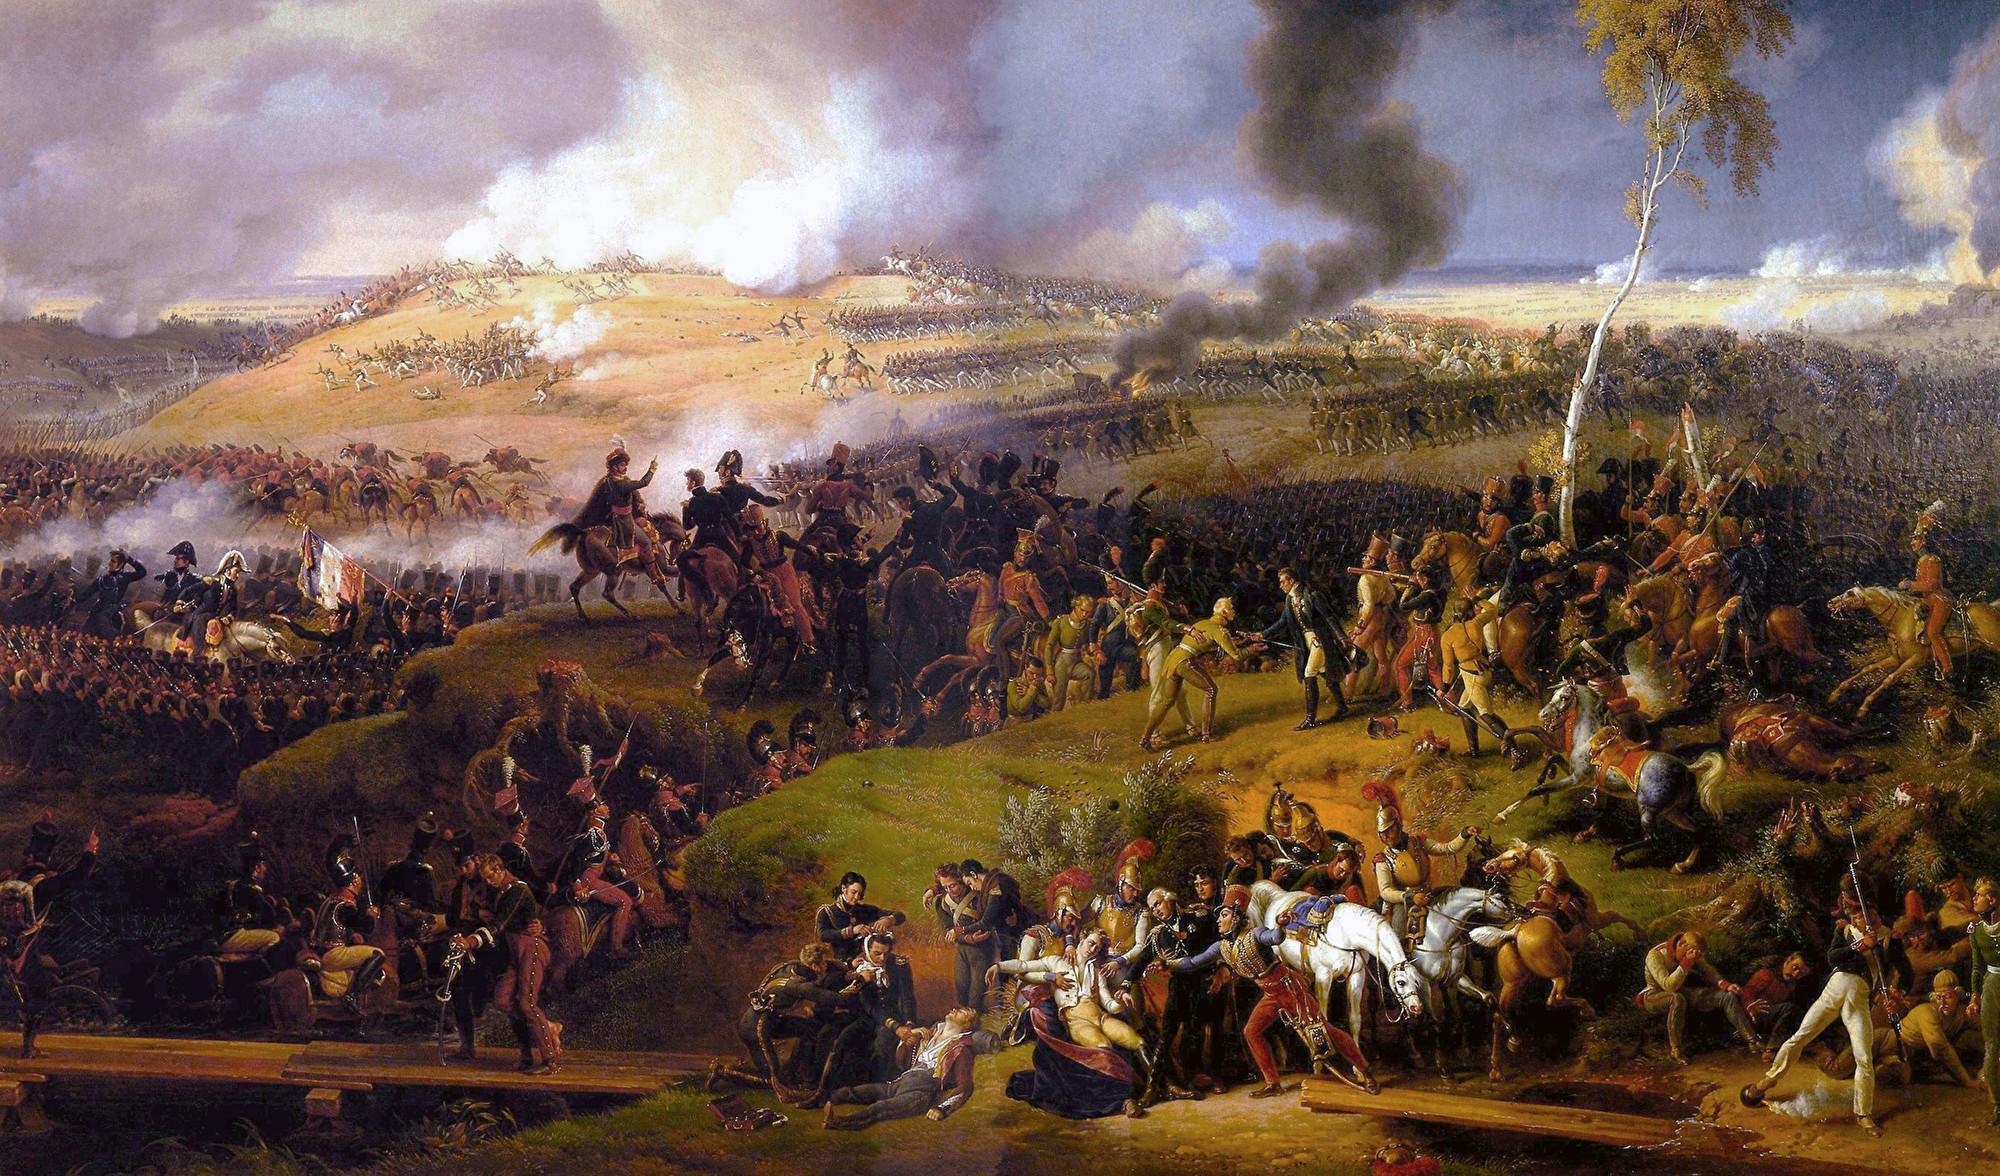 法軍在俄羅斯的博羅季諾與俄軍對戰,結果是法軍慘勝並一度進佔莫斯科,但不久後被迫撤退。(公有領域)